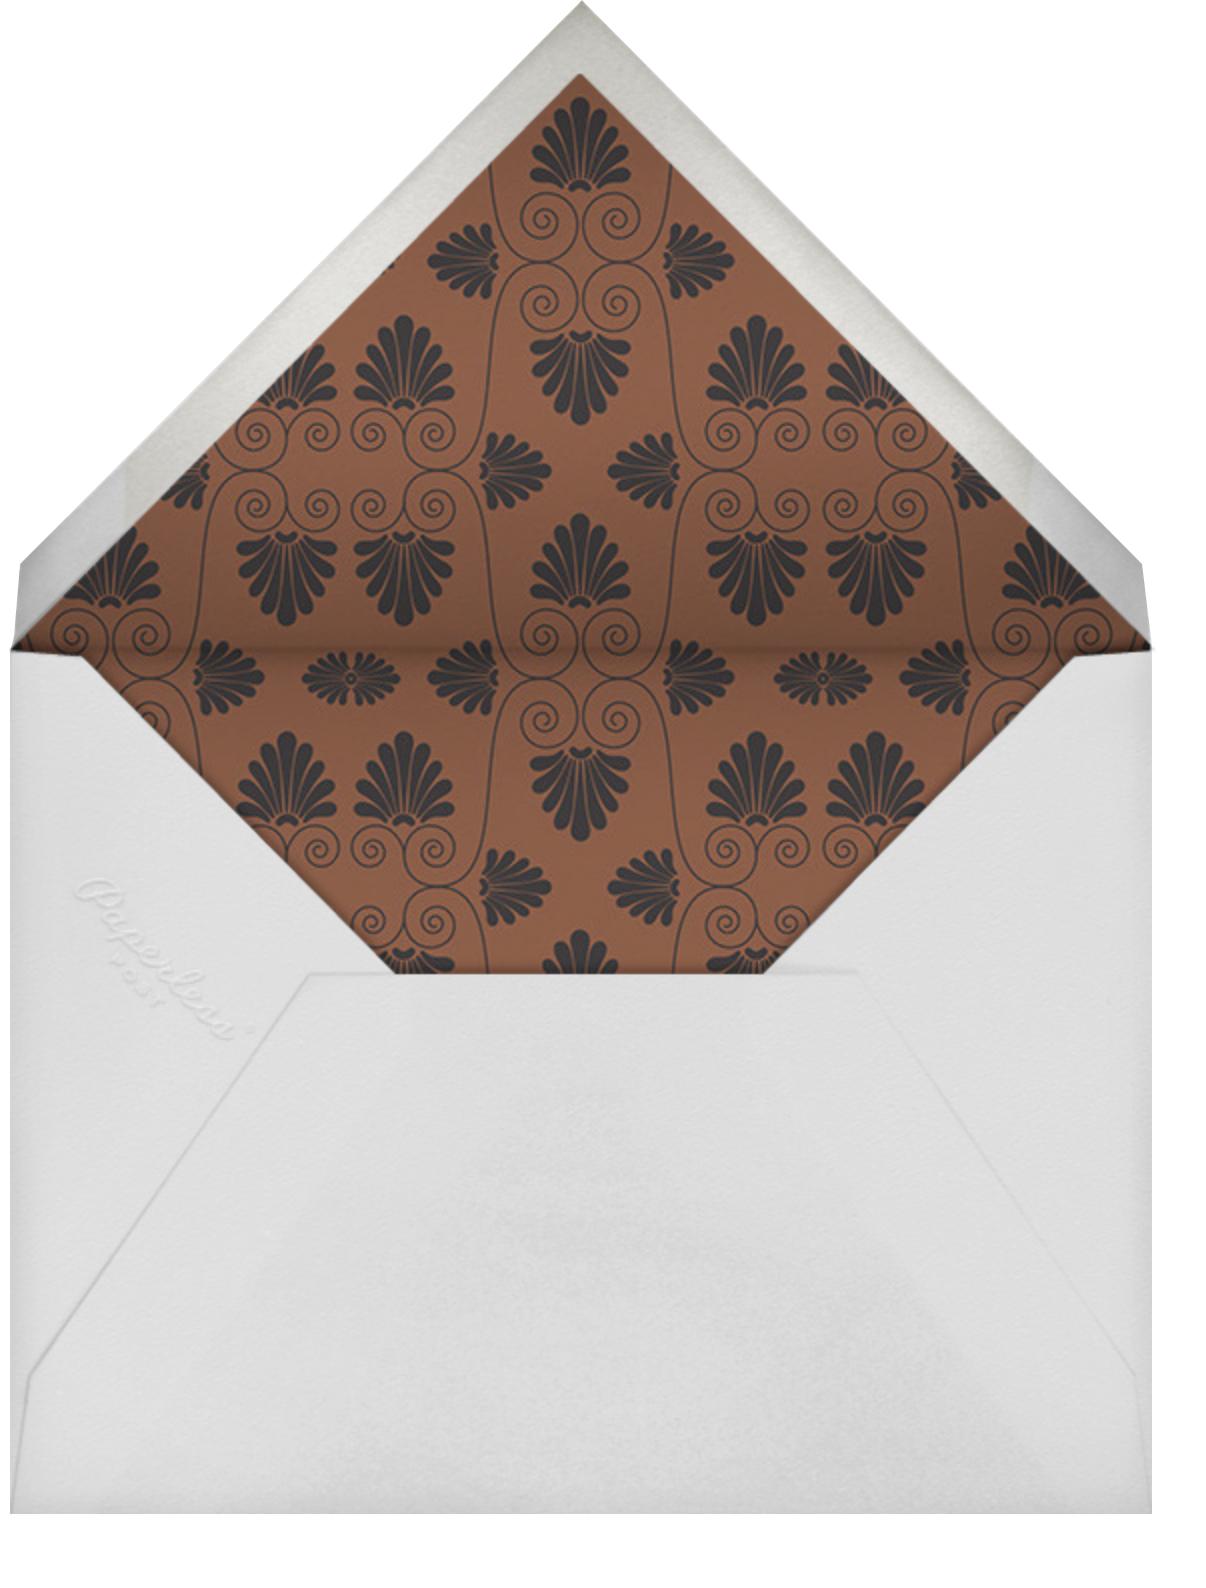 Tesserae Photo - Paperless Post - Rehearsal dinner - envelope back